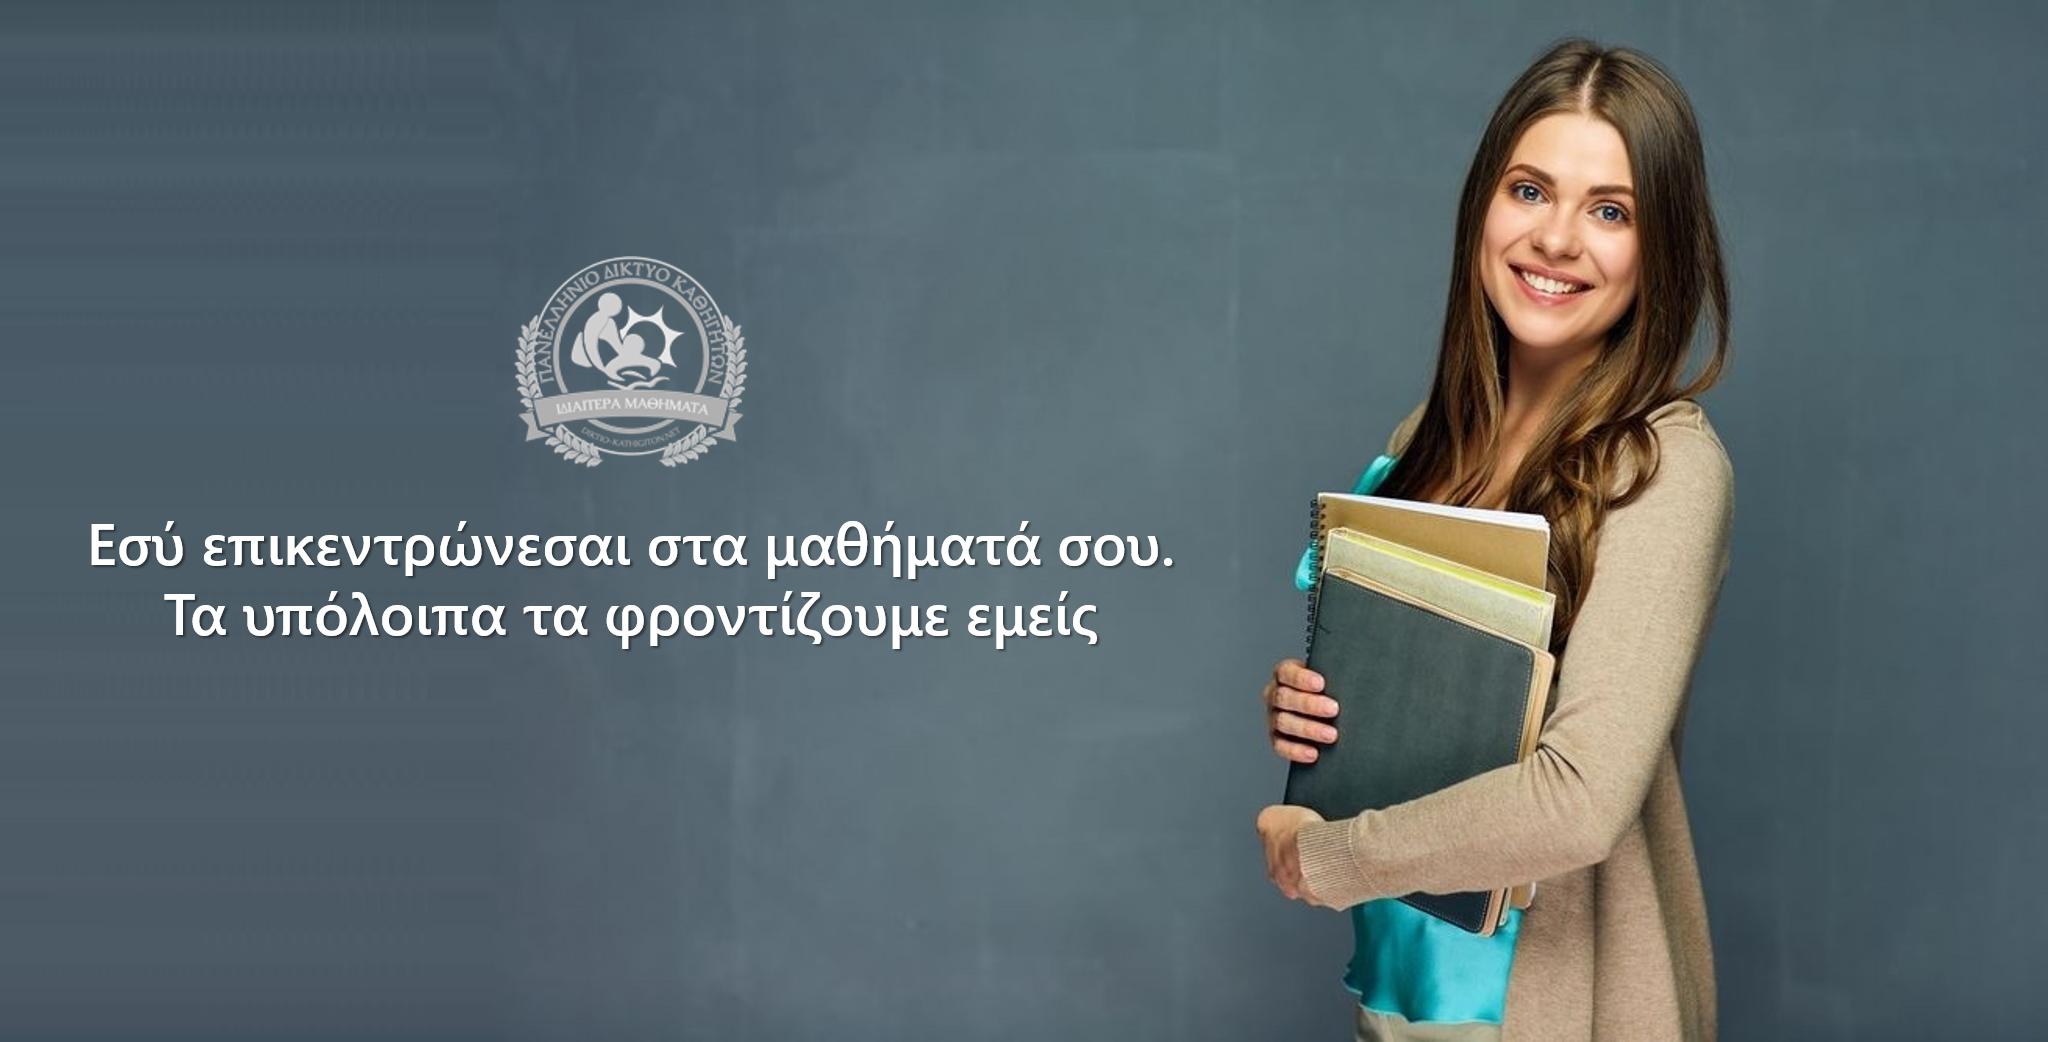 Μέτρα στήριξης για τους εκπαιδευτικούς από το Πανελλήνιο Δίκτυο Καθηγητών